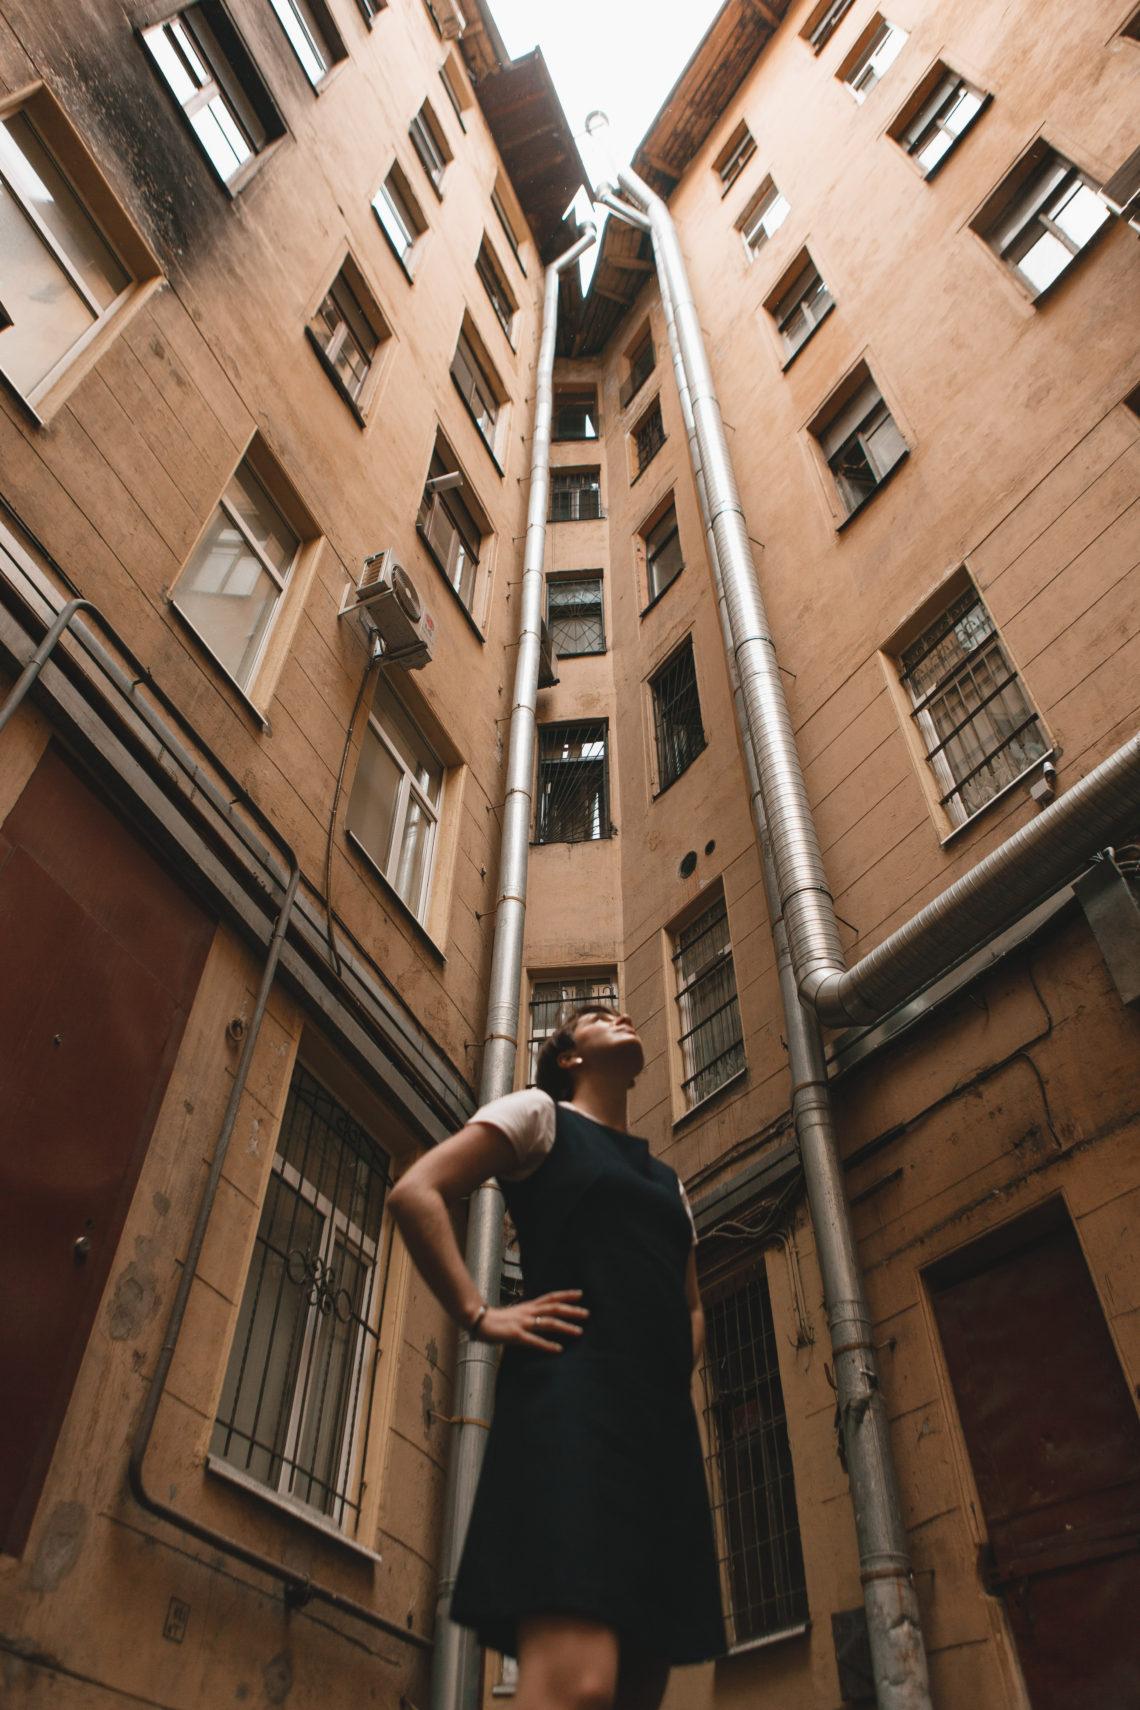 девущка стоит во дворе-колодце и смотрит наверх